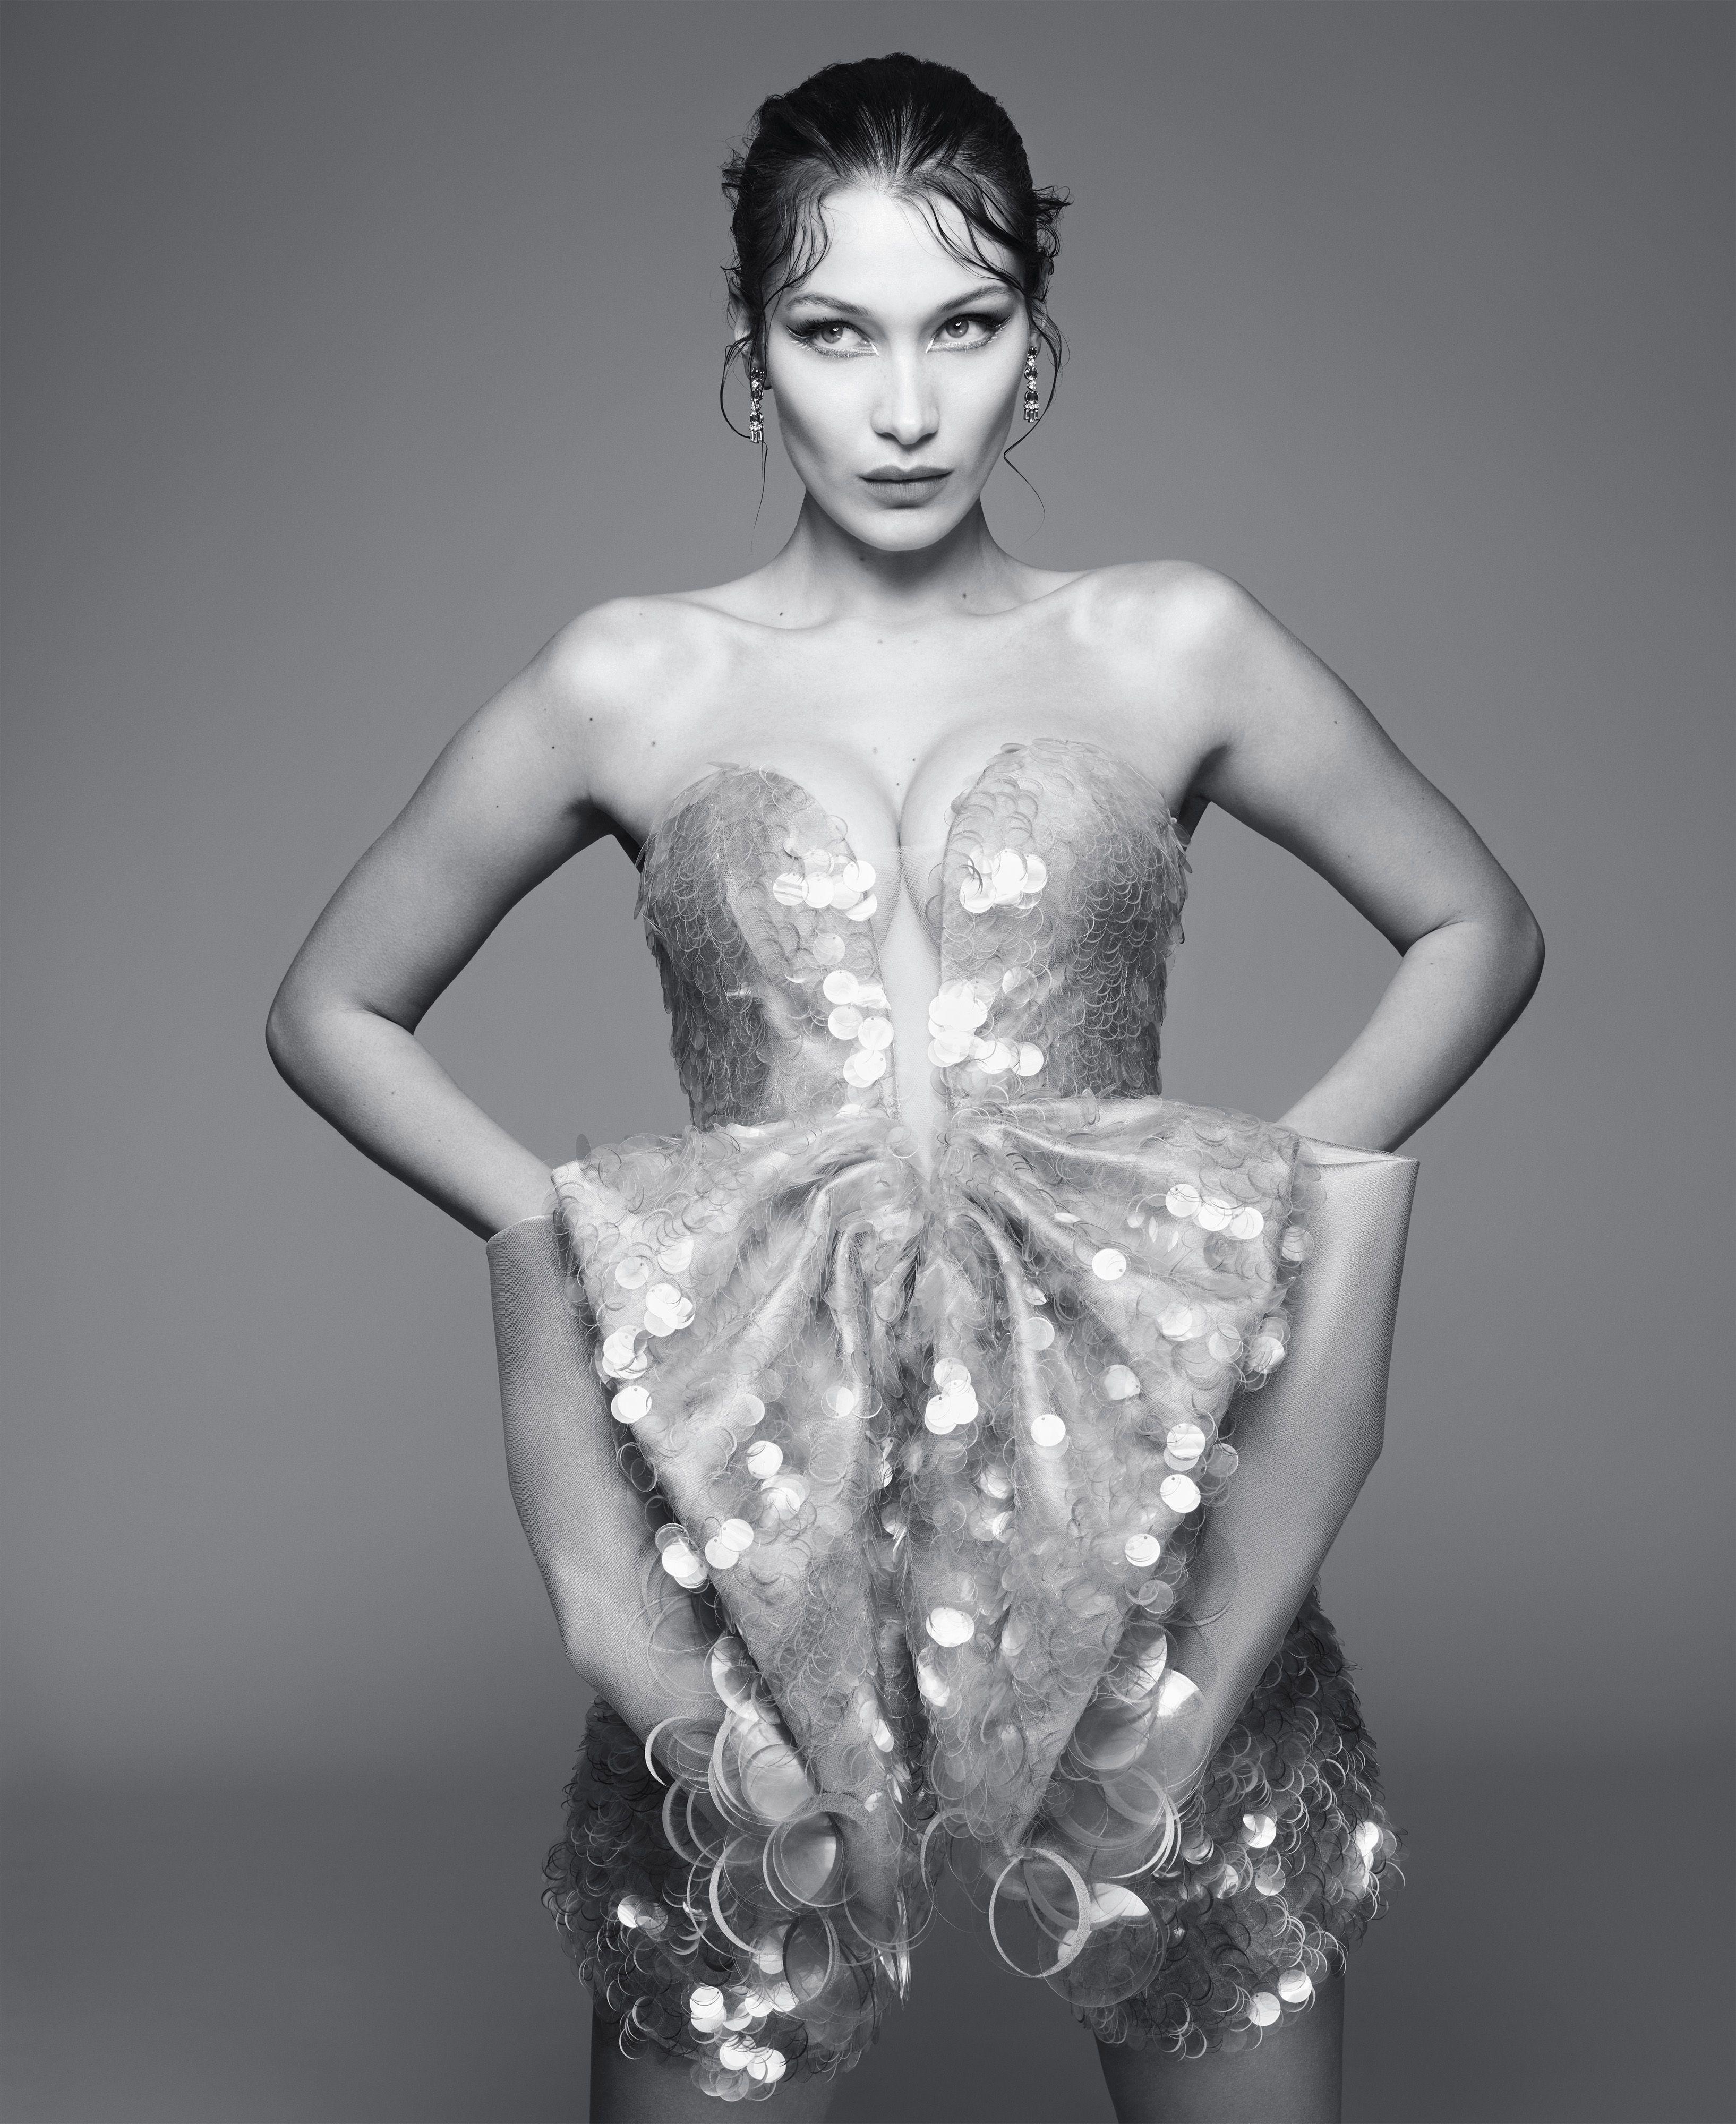 Showing images for fairuza balk naked xxx